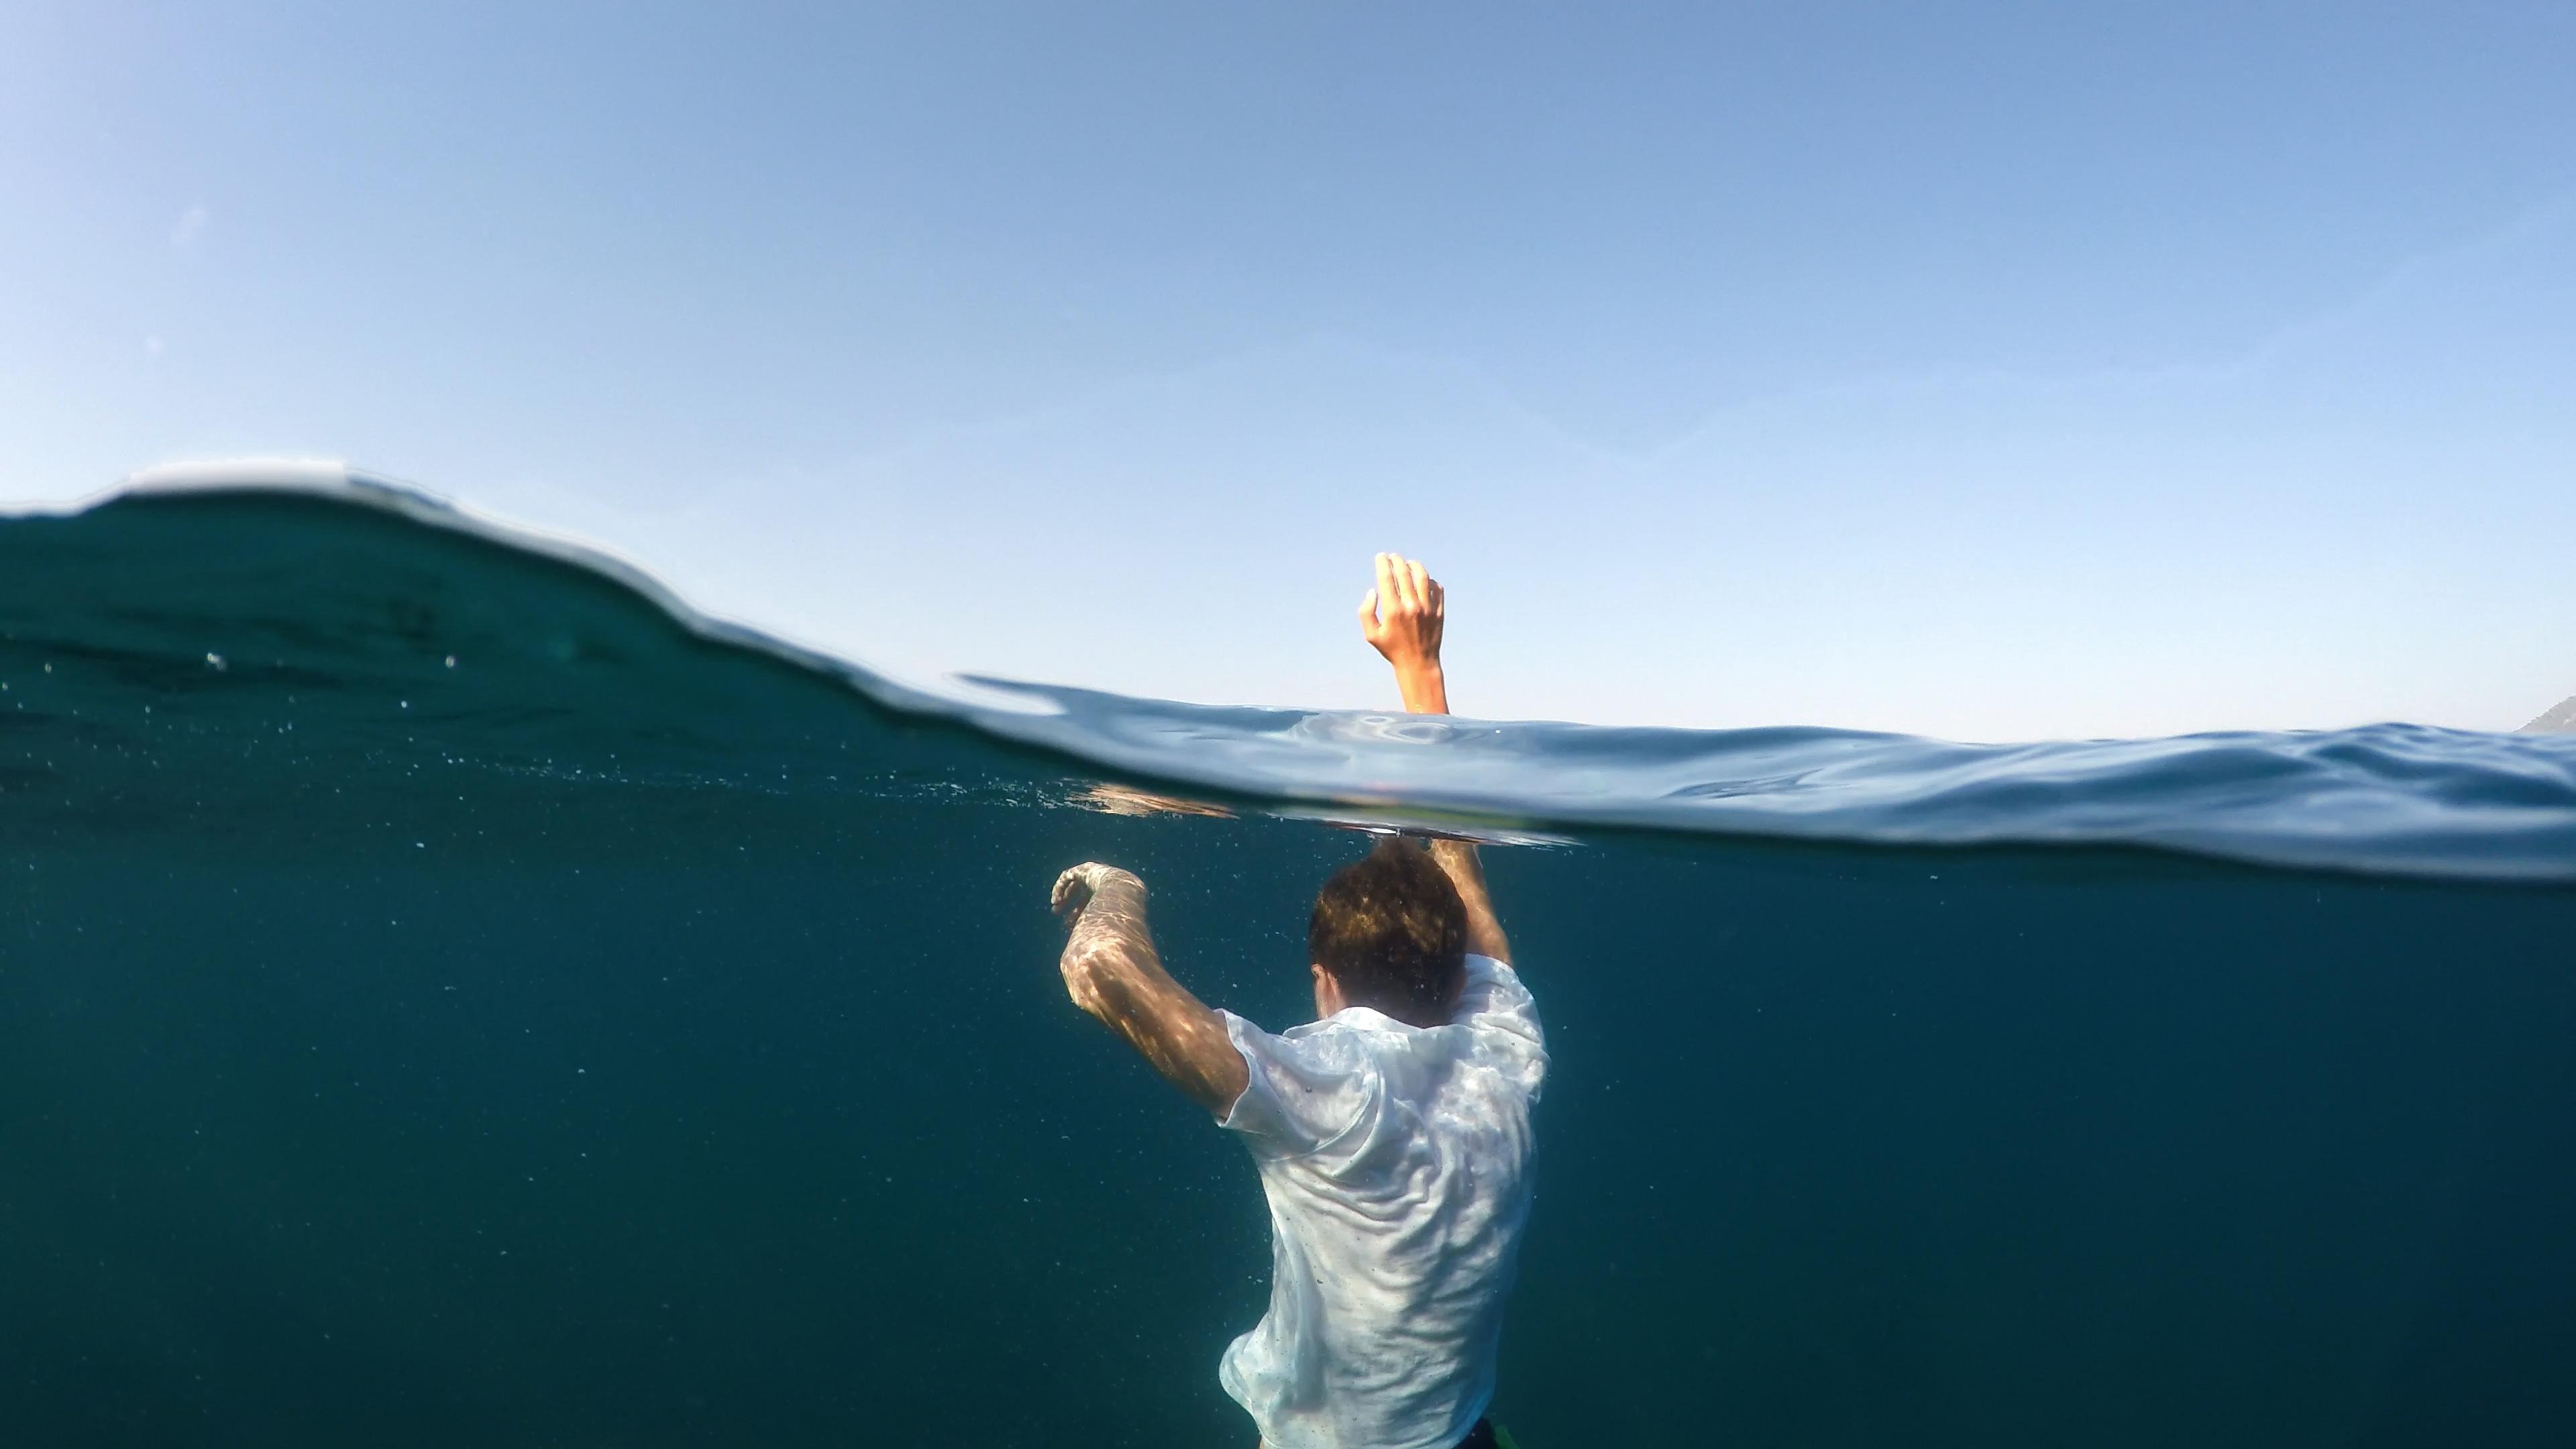 Ljudet av en drunkning ska rädda liv - så kastar du livbojen rätt